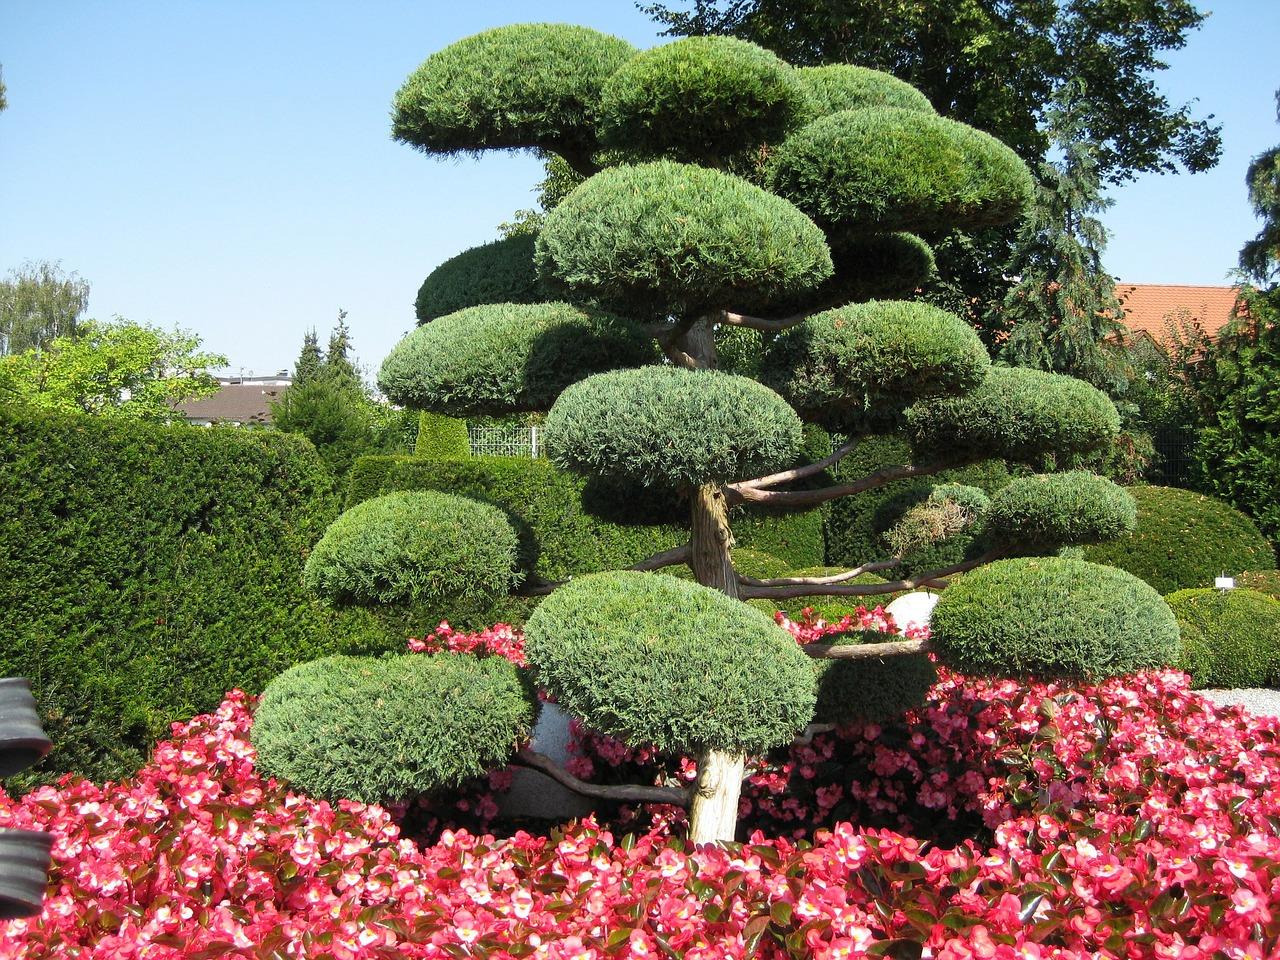 Japonsk zahrada 3 smysl a rozd len japonsk ch zahrad for Pflanzen japanischer garten